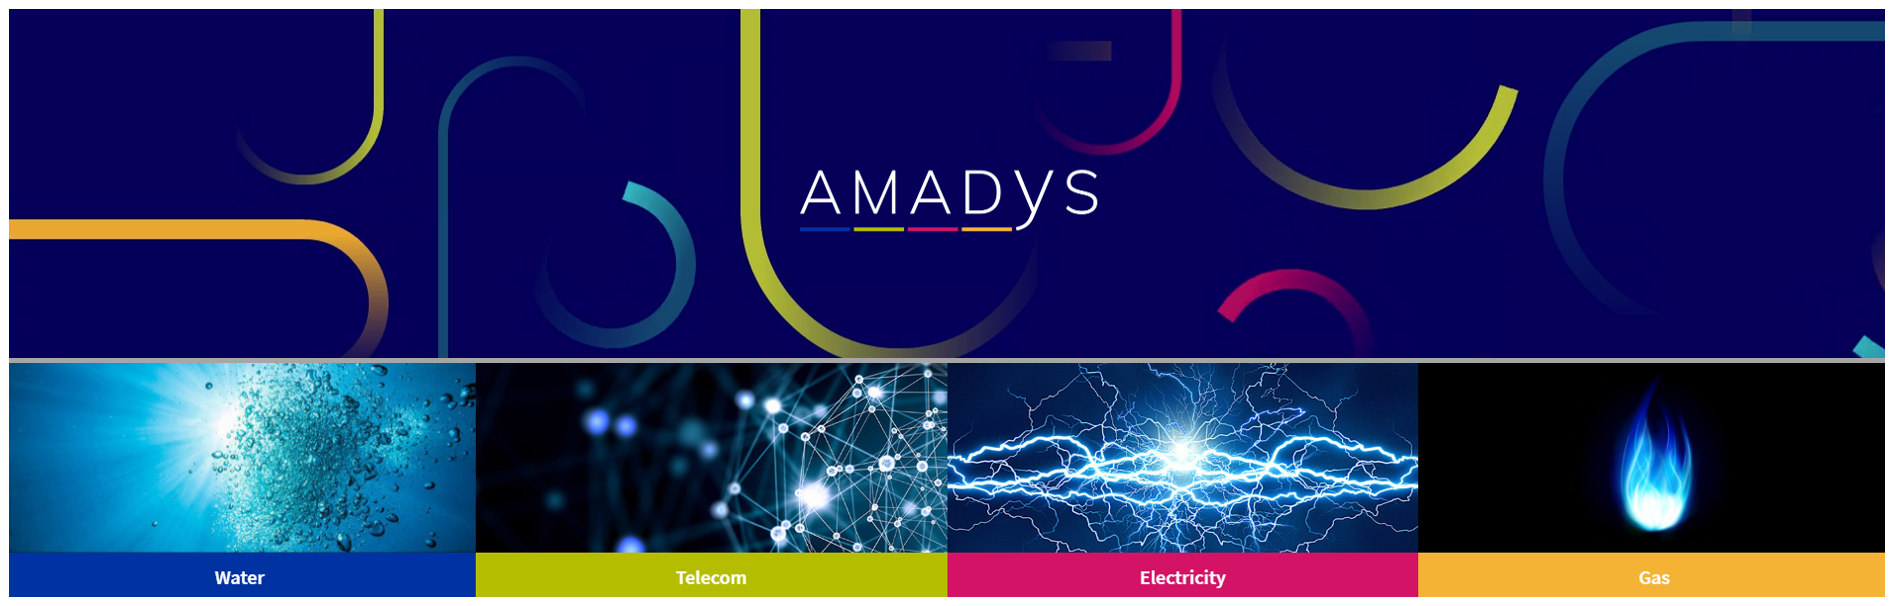 Amadys2